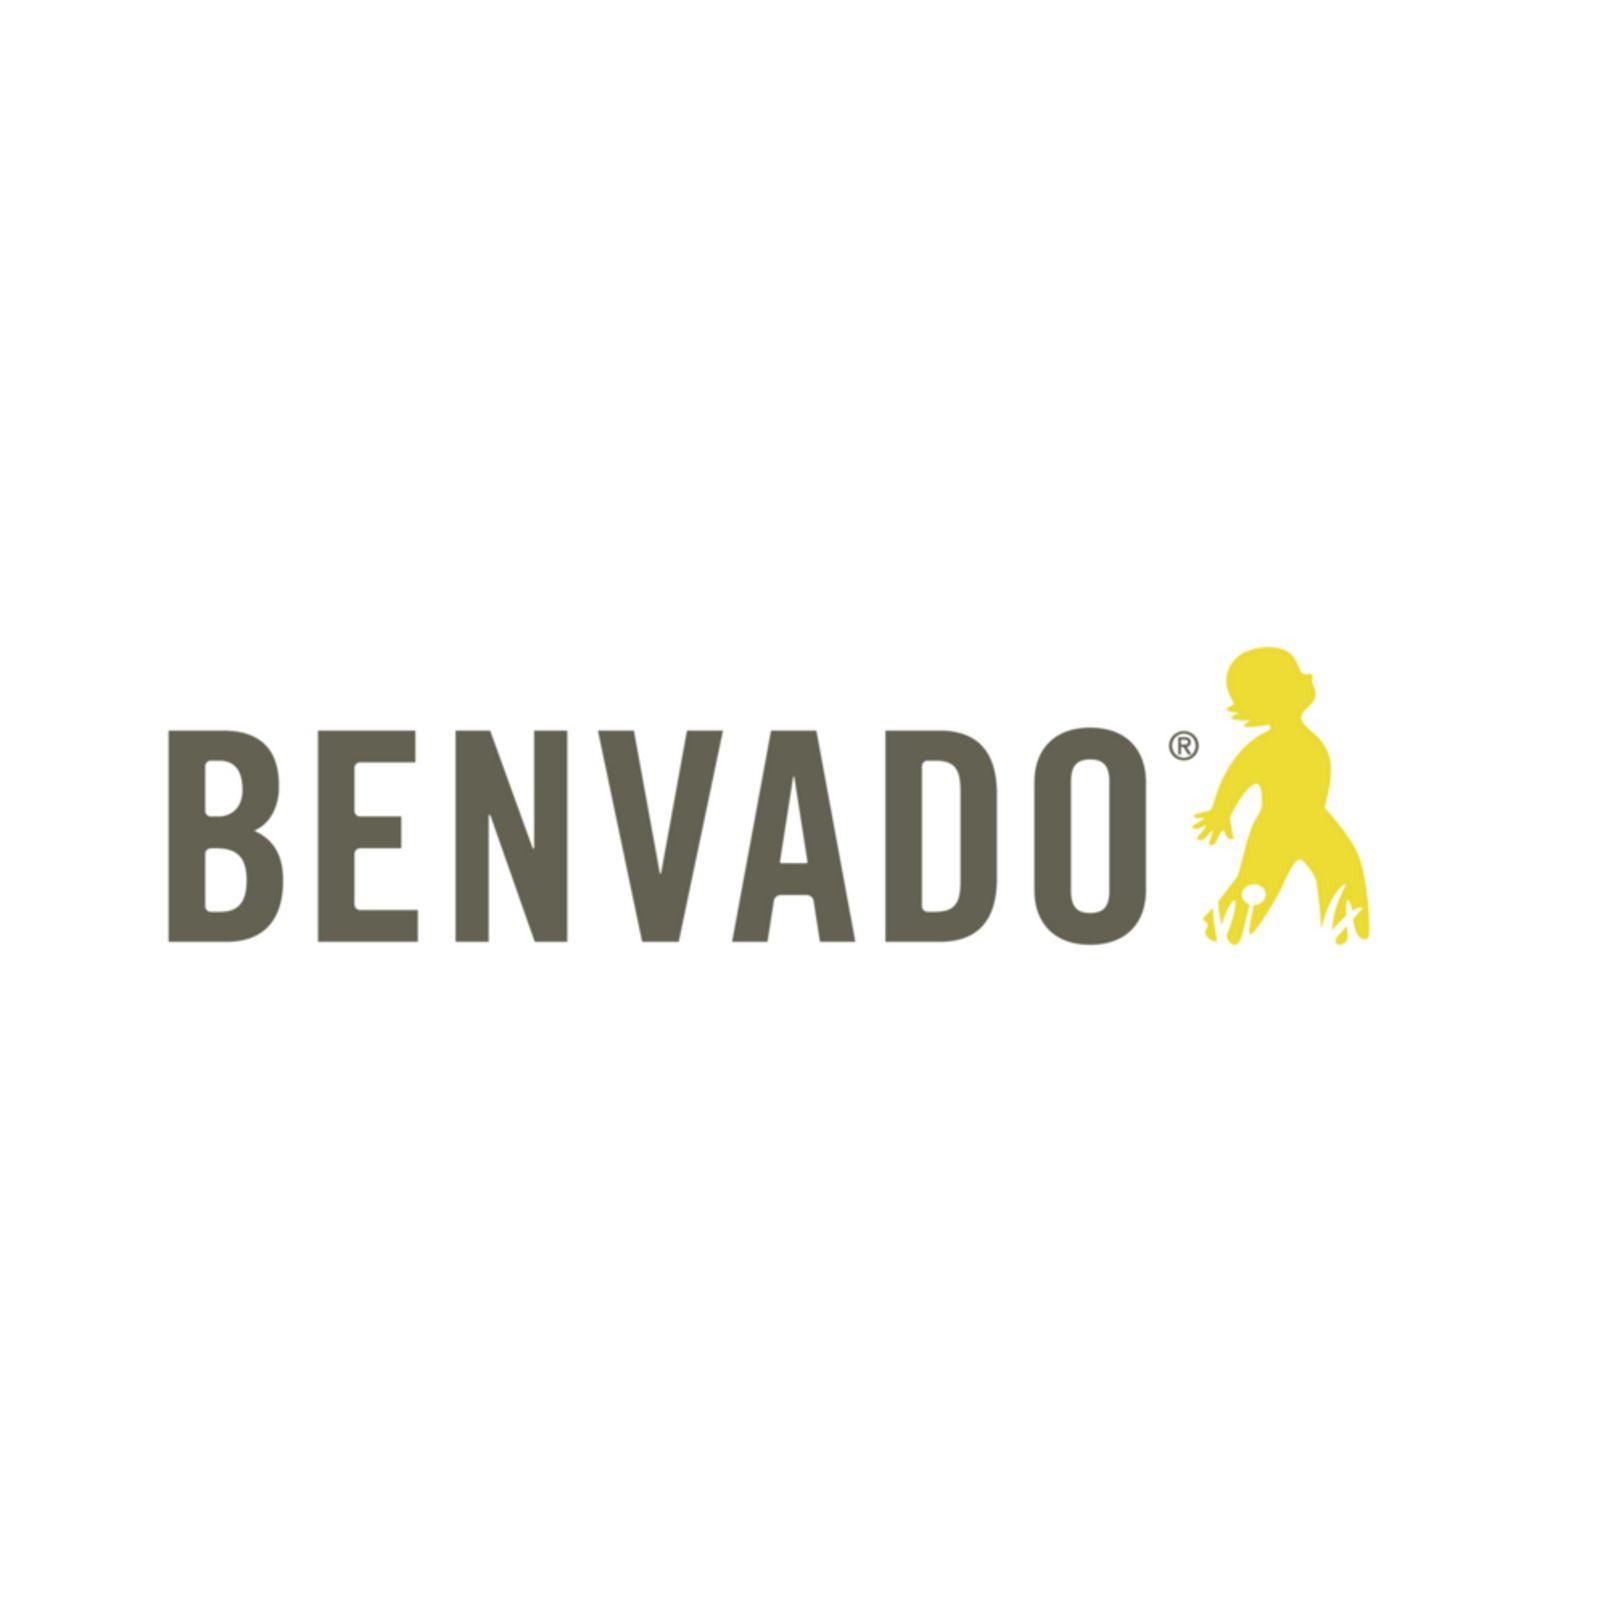 Benvado (Image 1)